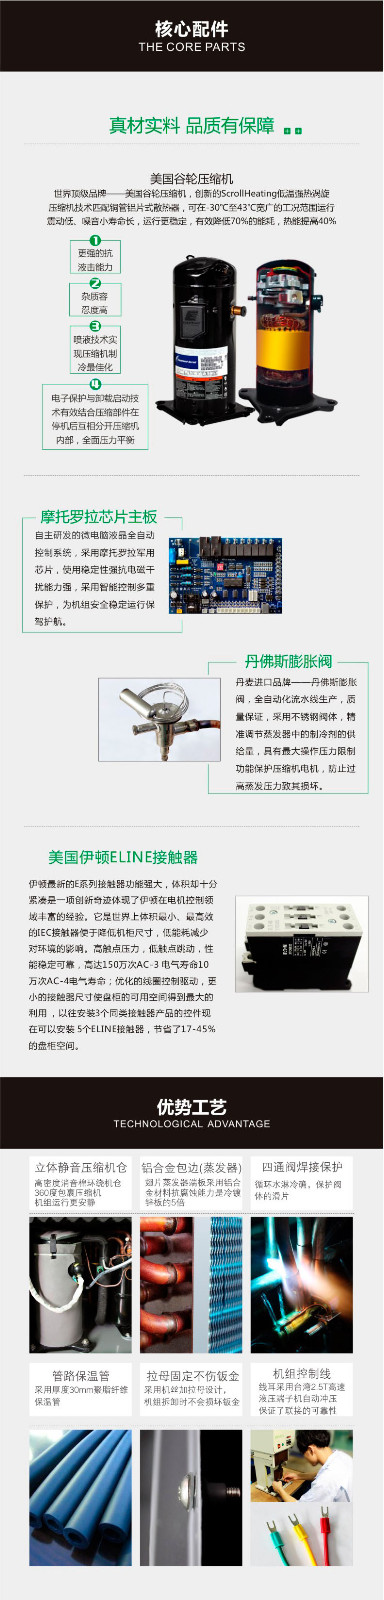 EVI系列_-25°超低温5p机|商用系列-山东中韩泵业幸运飞艇广东分公司